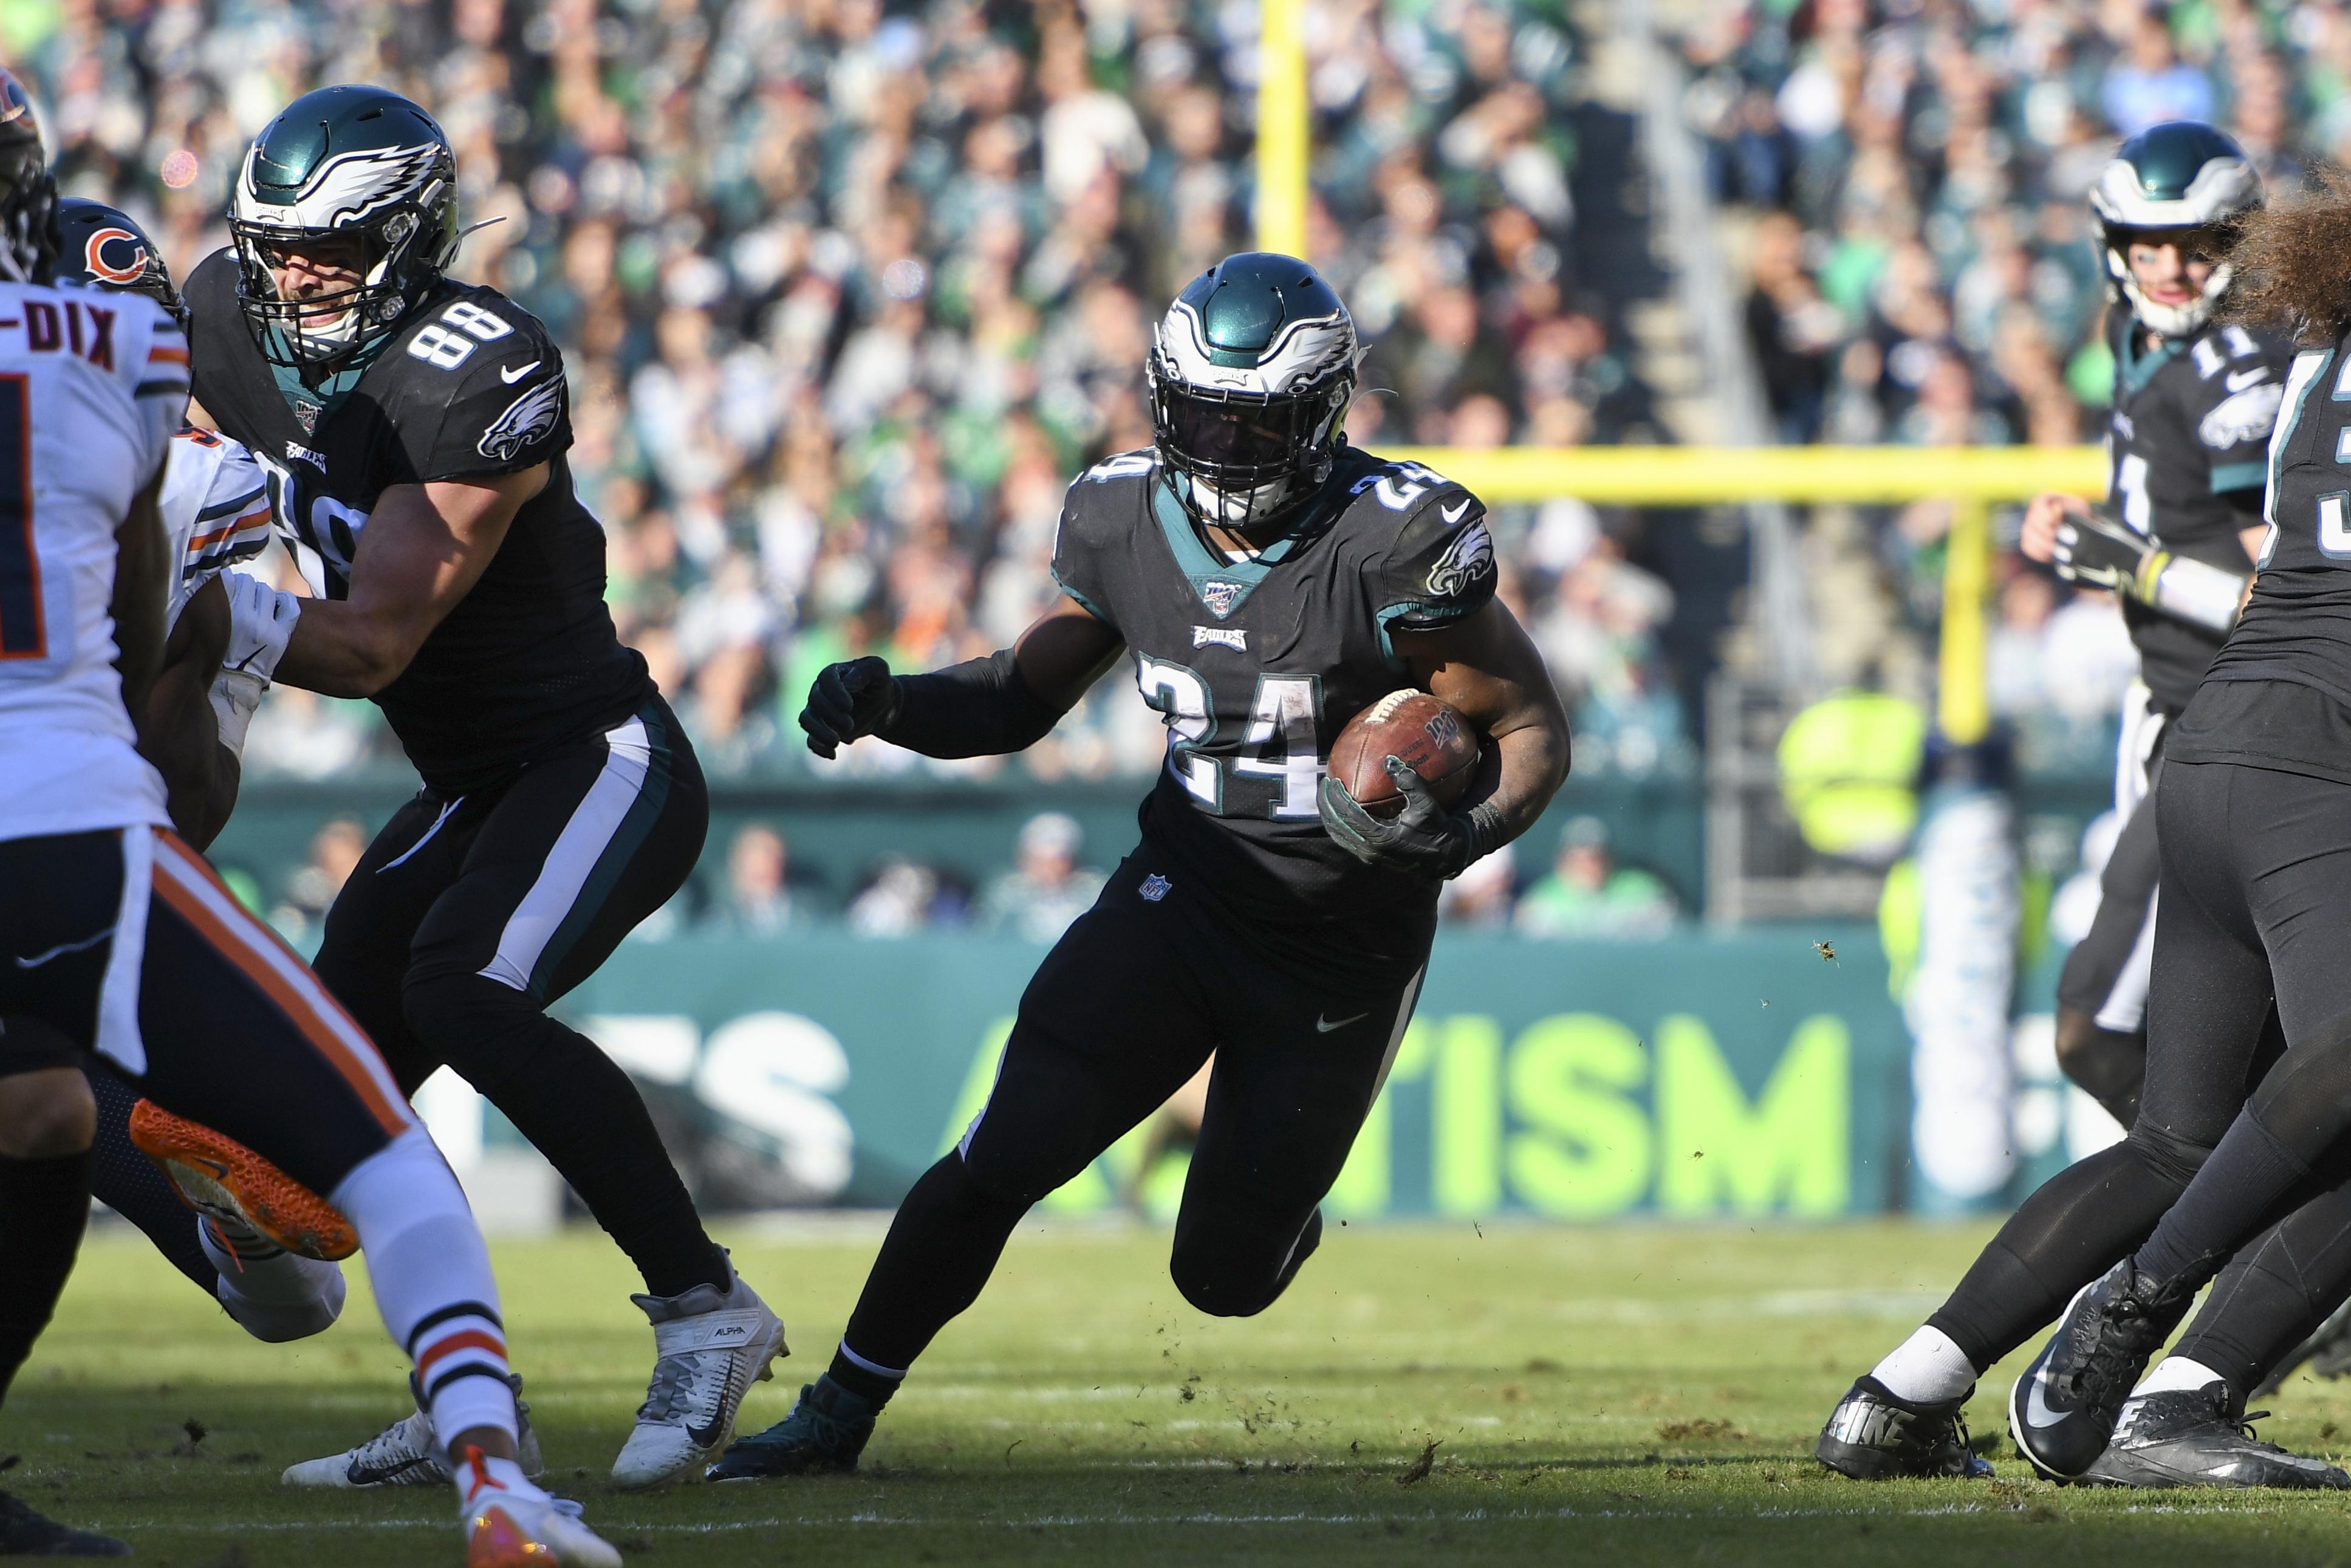 NFL: NOV 03 Bears at Eagles